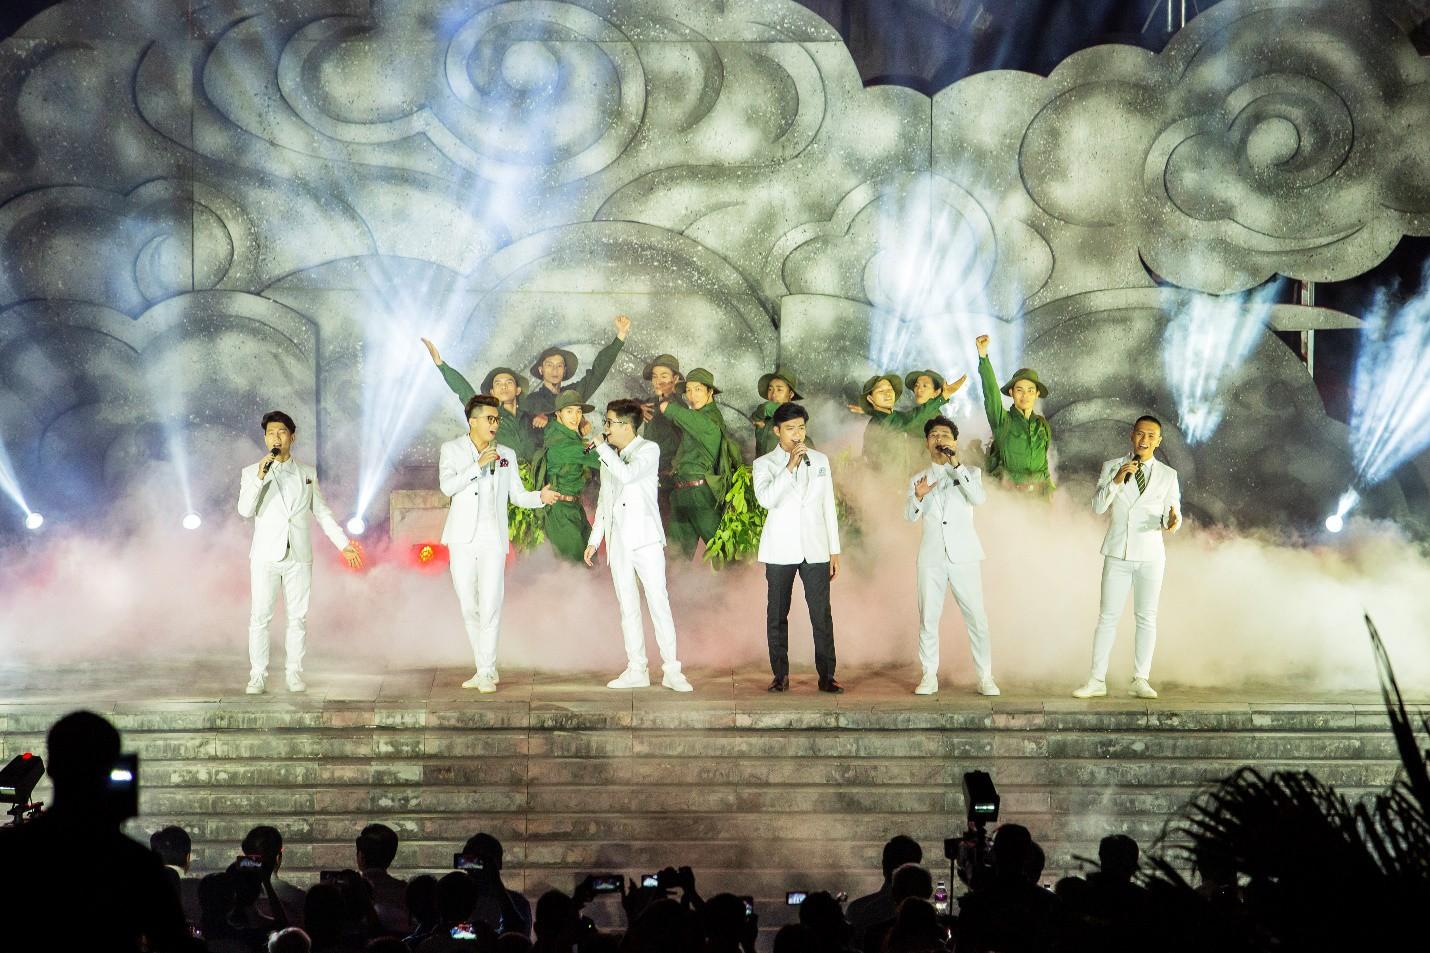 Hàng loạt ngôi sao âm nhạc hội tụ trong đêm nghệ thuật Câu chuyện hòa bình tại Quảng Bình - Ảnh 2.